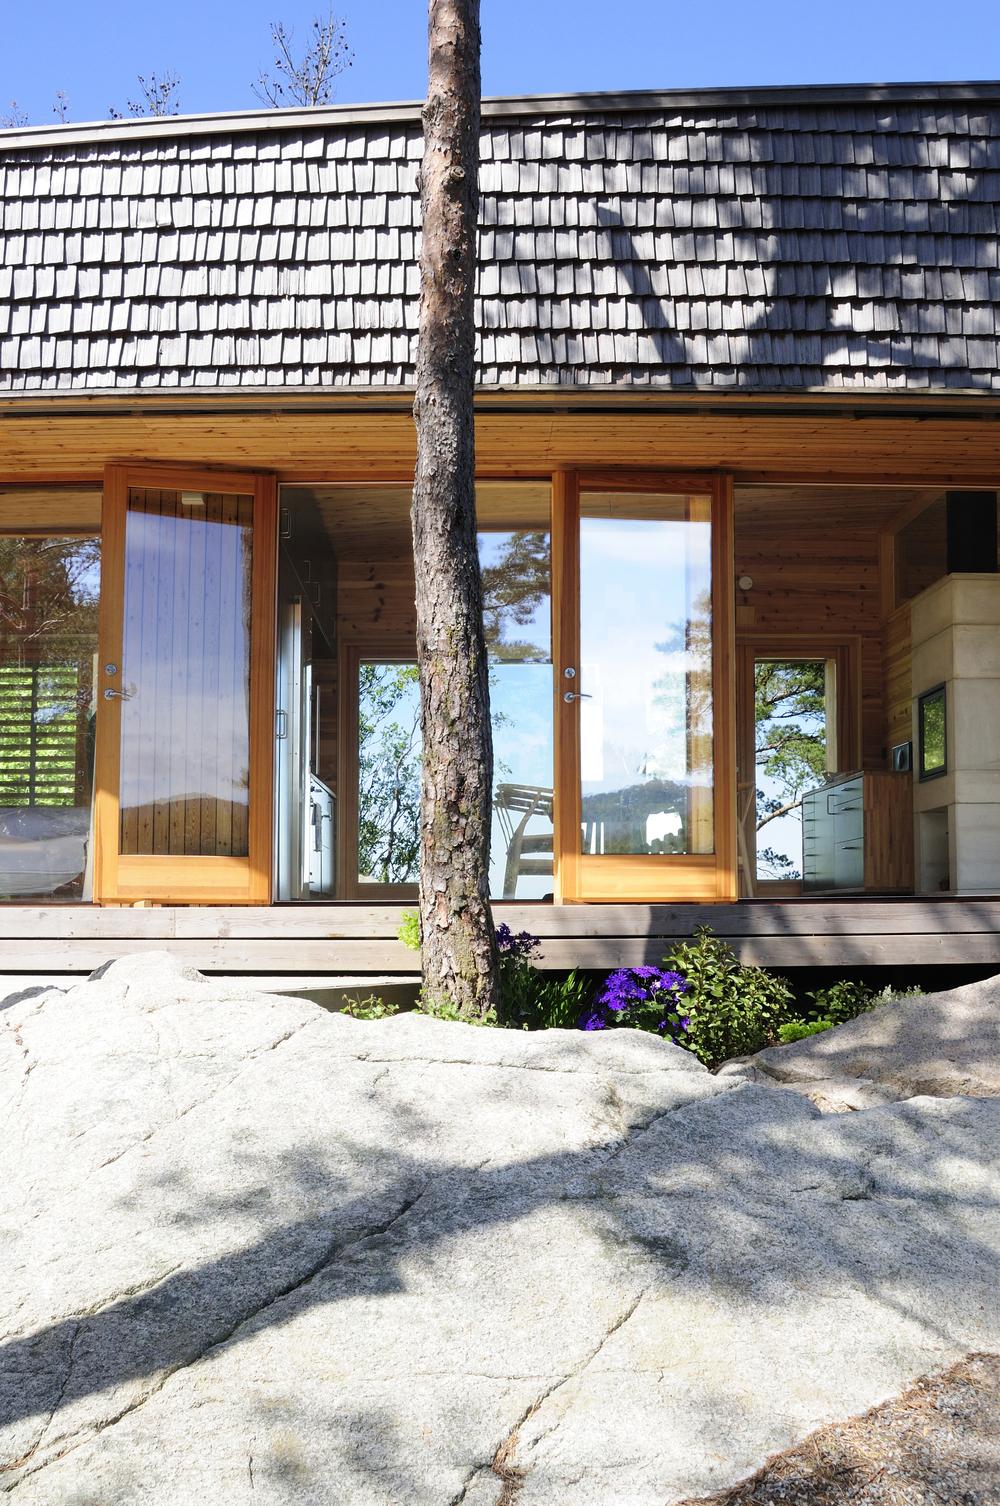 12_Norway_cabin_Sk+Ñt+©y_m_wie.jpg